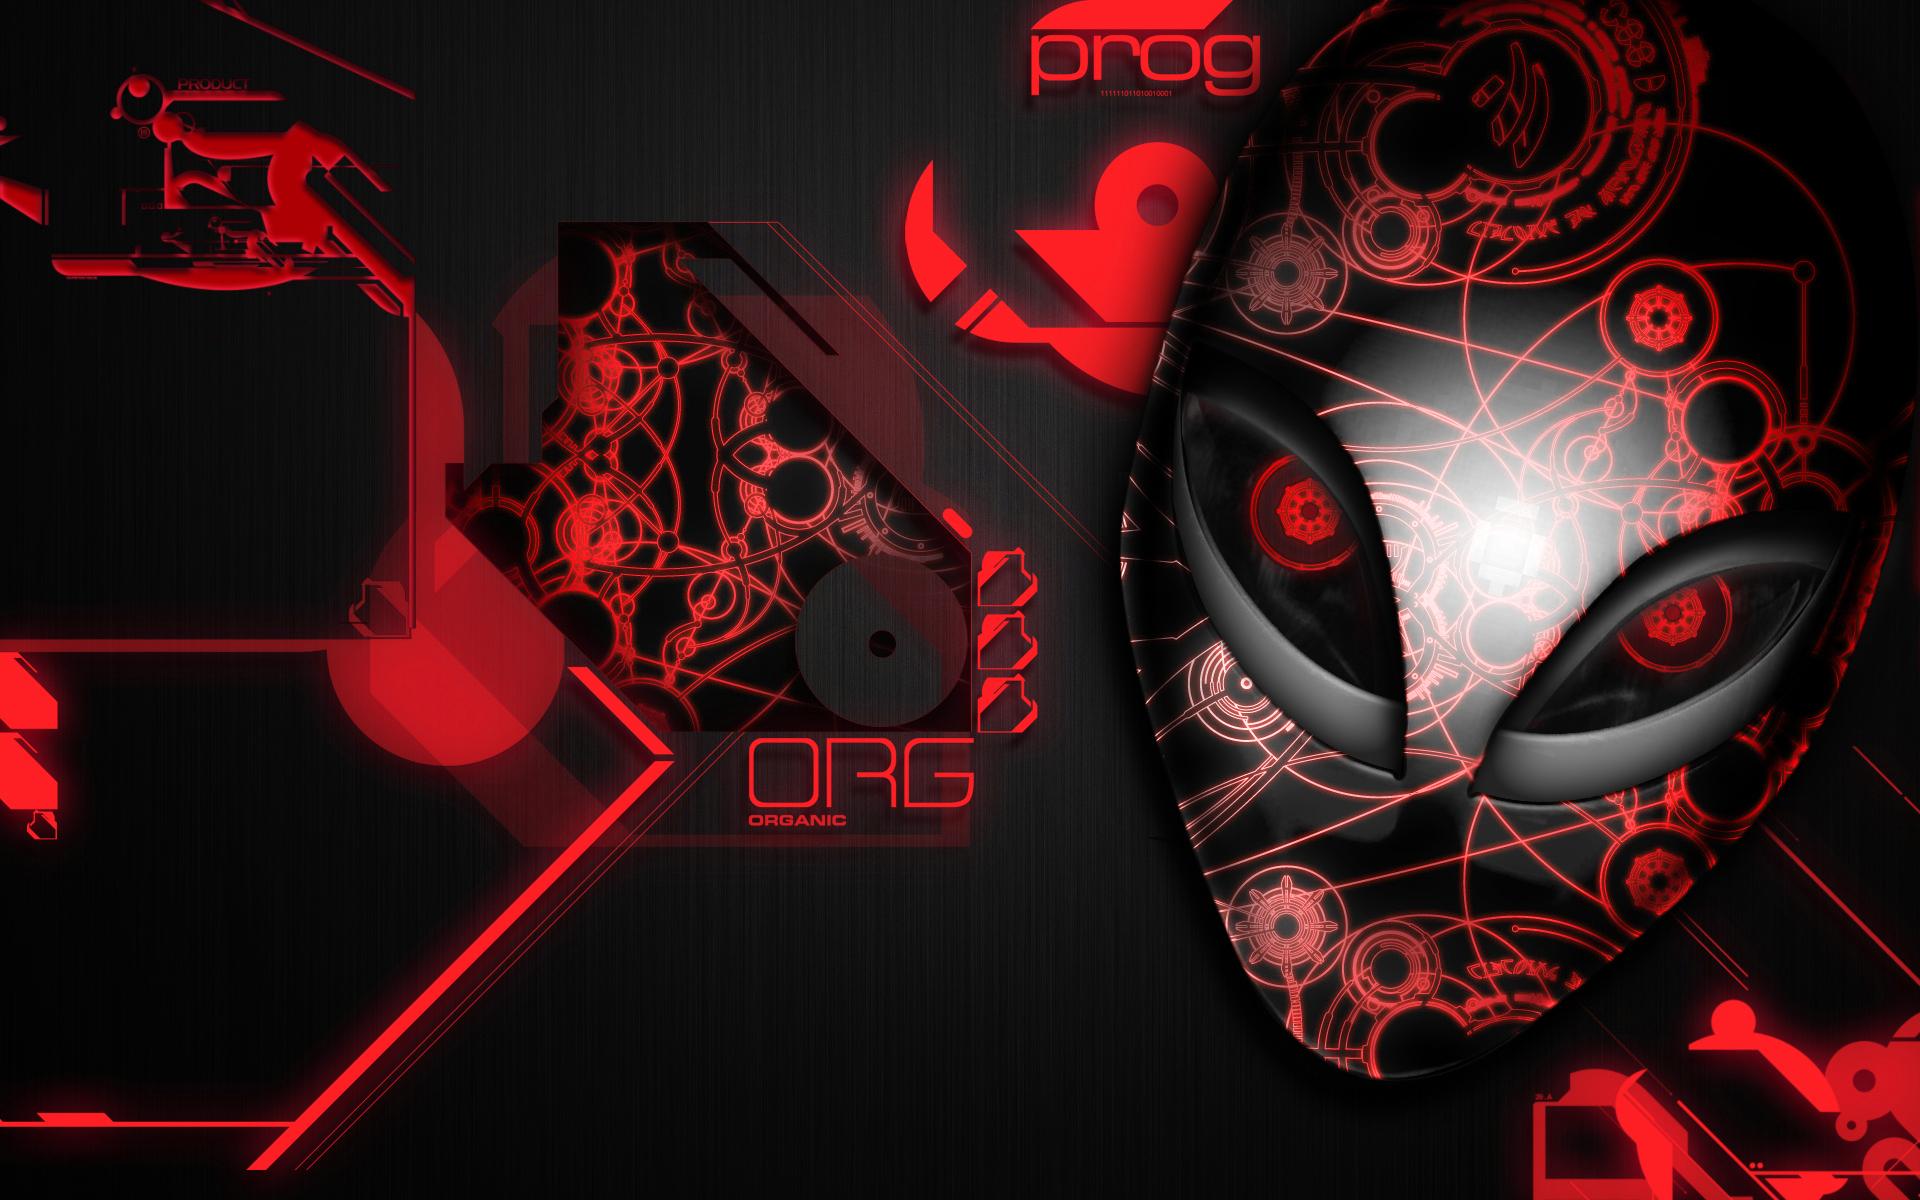 alienware desktop background red - photo #9